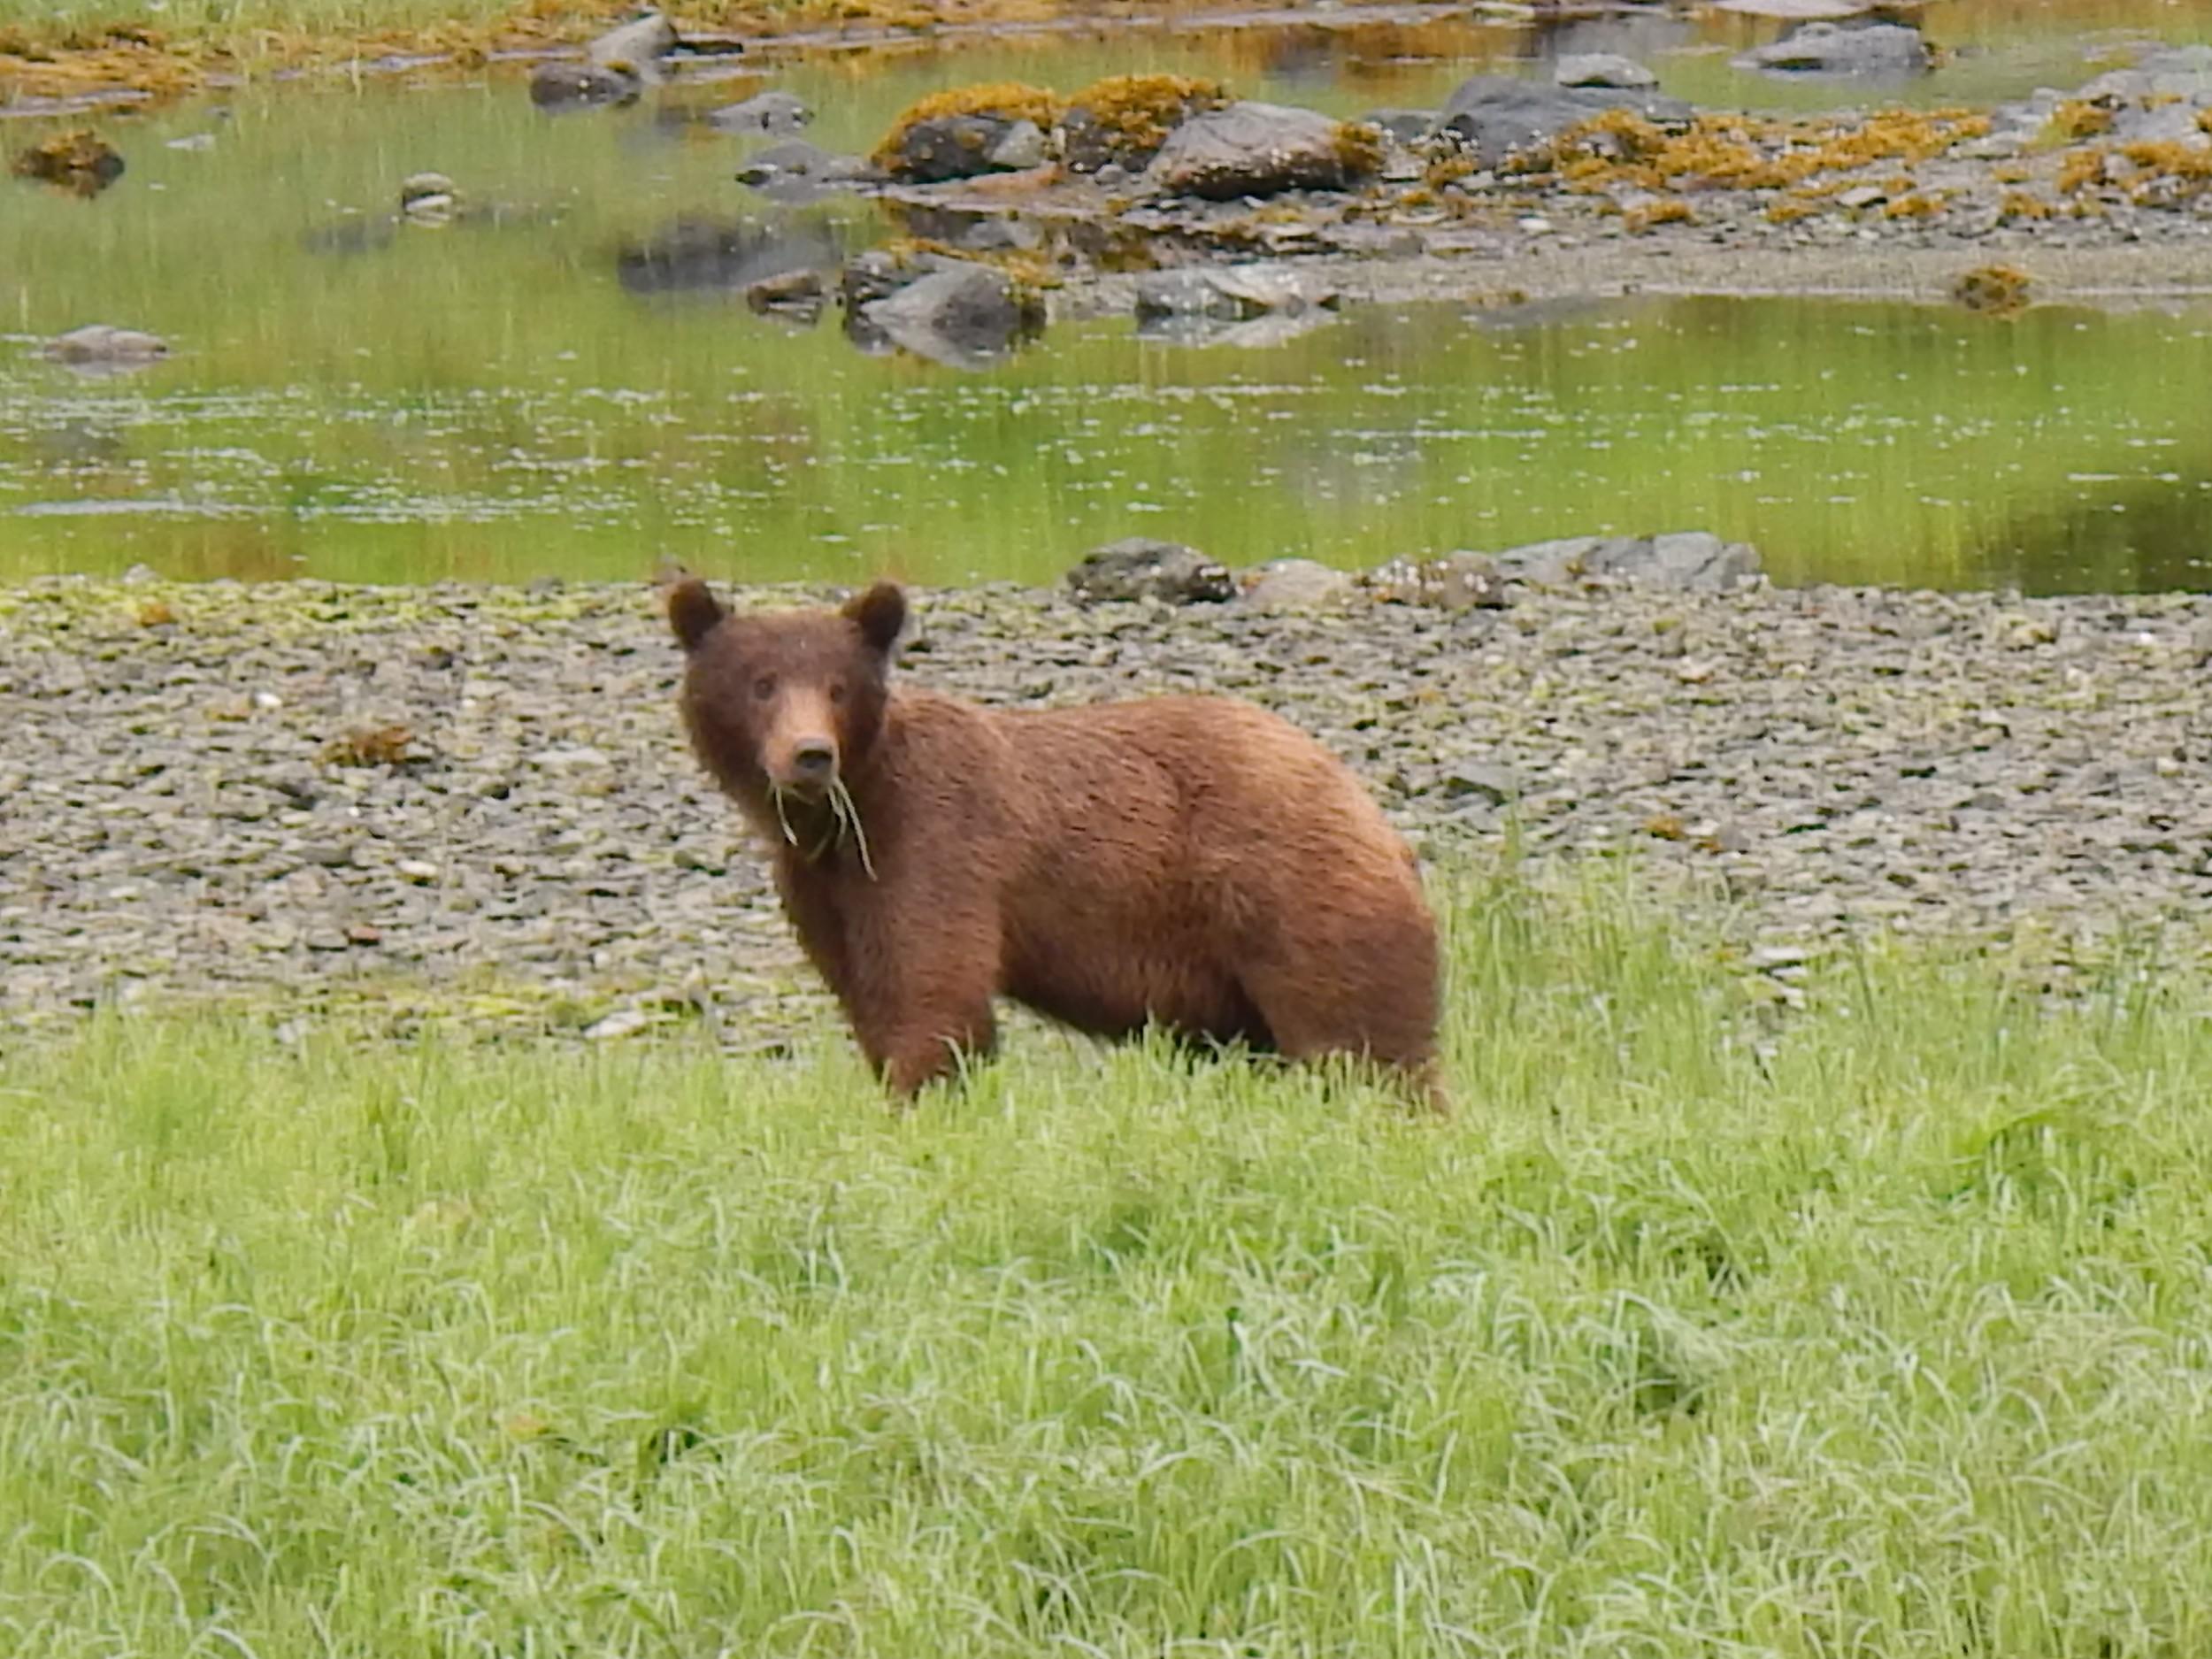 Brown Bear grazing en route to Lake Eva